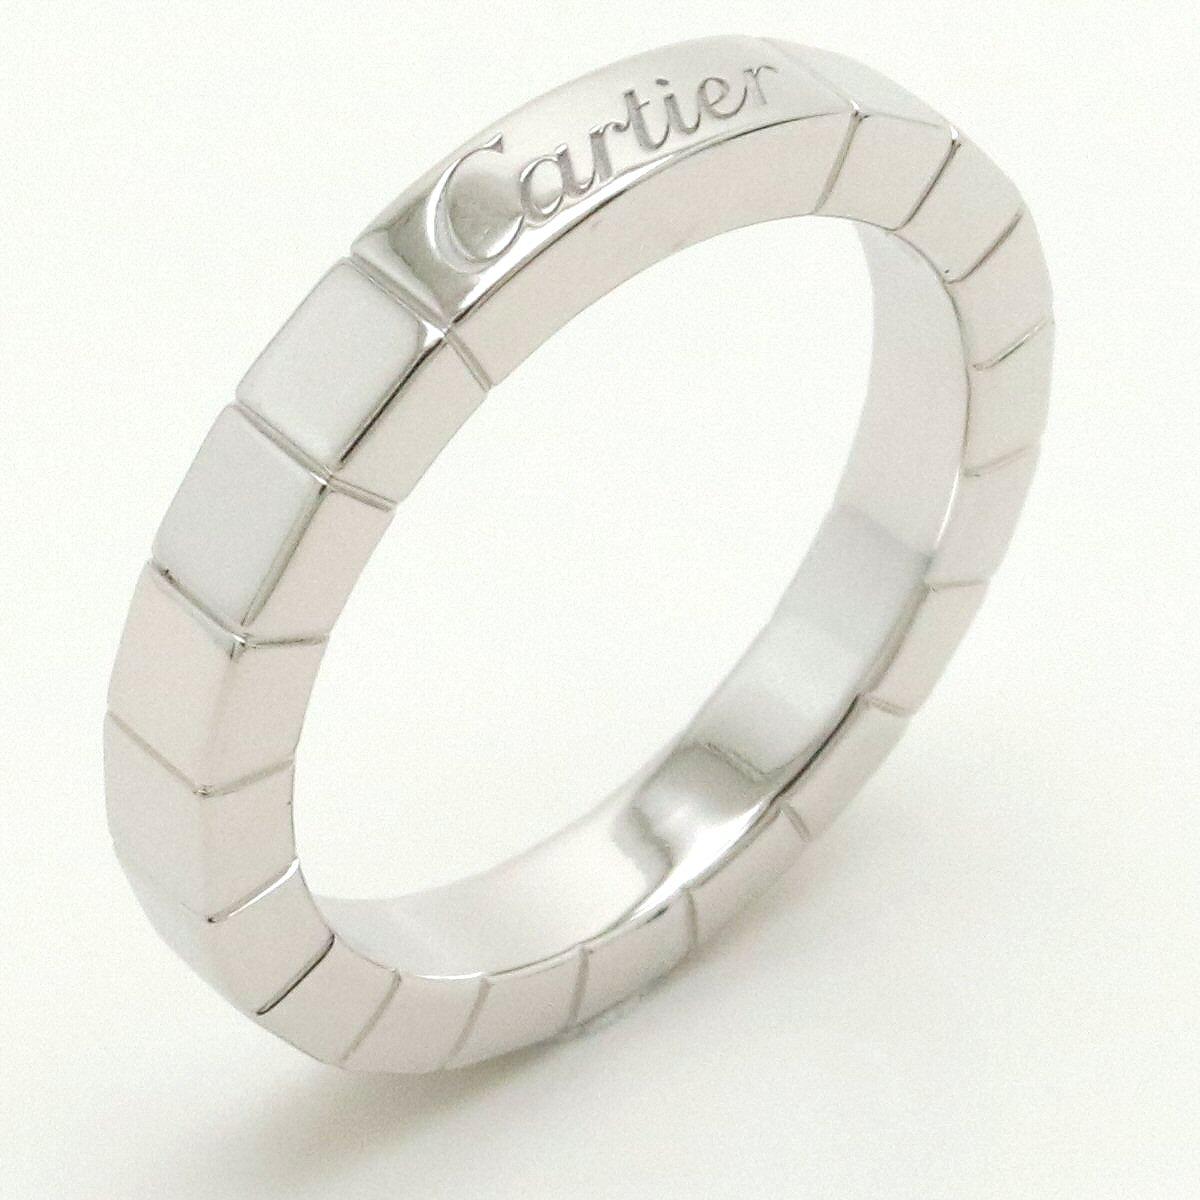 【ジュエリー】【新品仕上げ済】Cartier カルティエ ラニエール リング 指輪 K18WG 750WG ホワイトゴールド 9号 #49 B4045049 【中古】